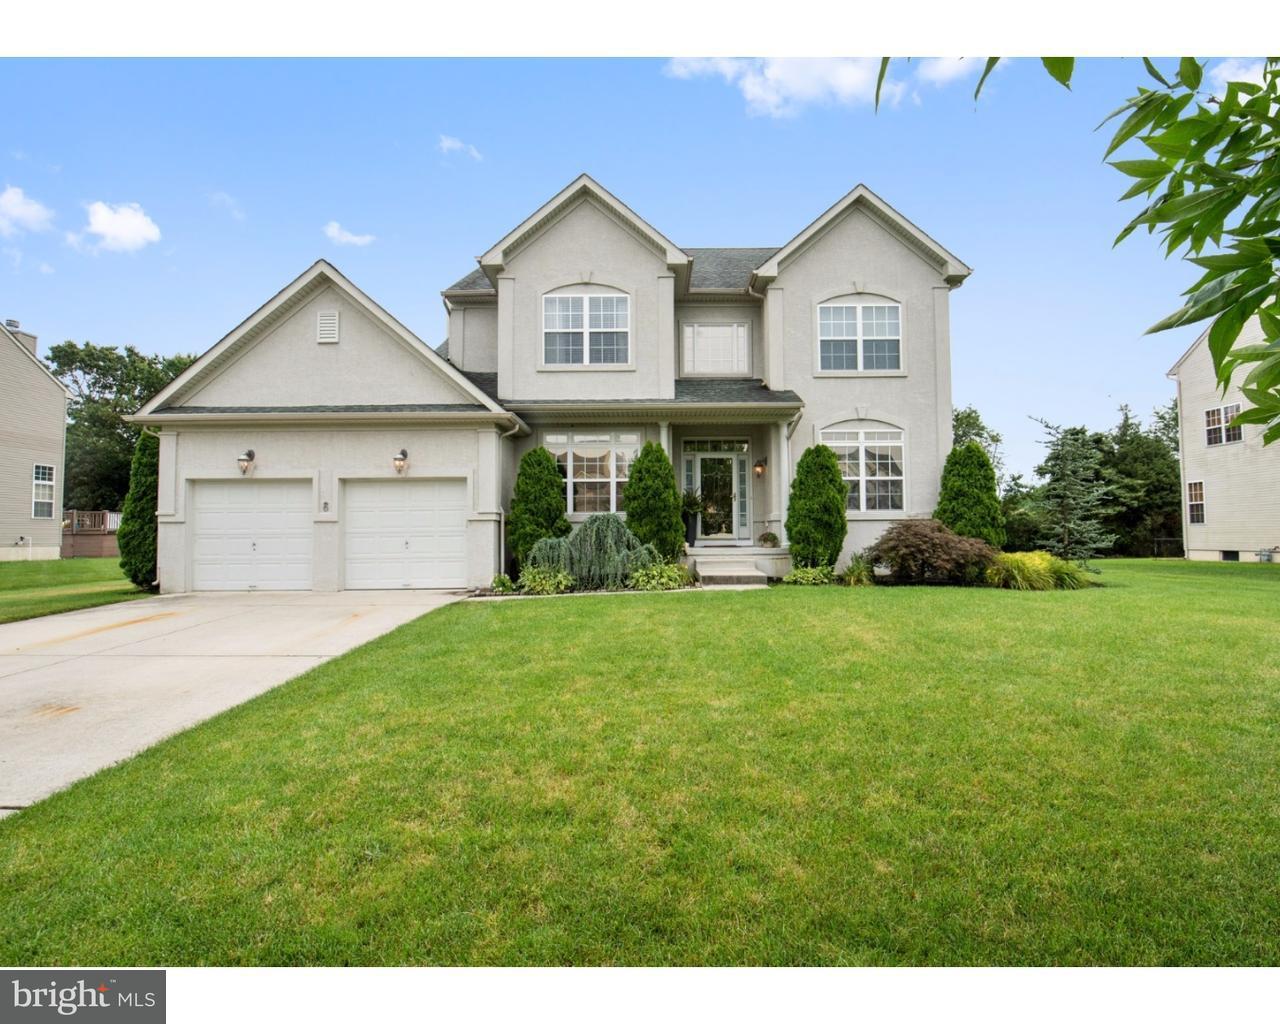 獨棟家庭住宅 為 出售 在 8 CHILLEMI Court Berlin Boro, 新澤西州 08009 美國